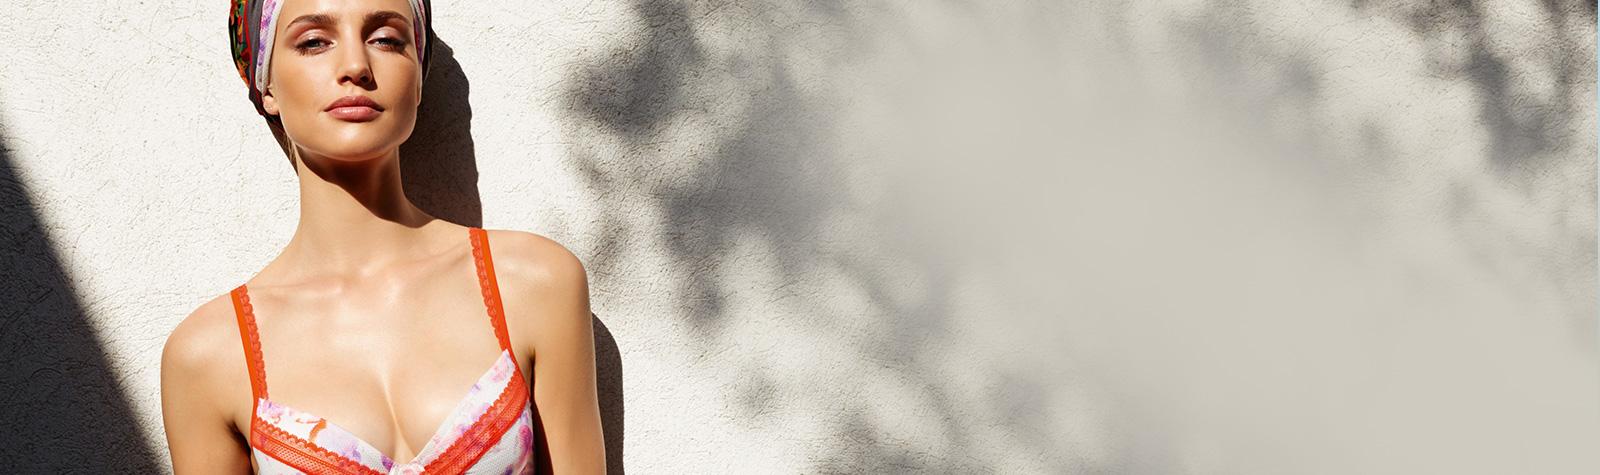 Chic Dessous Sliderbild - Frau mit Badeanzug lehnt an der Wand und schaut in die Kamera, Sommer, sonniges Ambiente